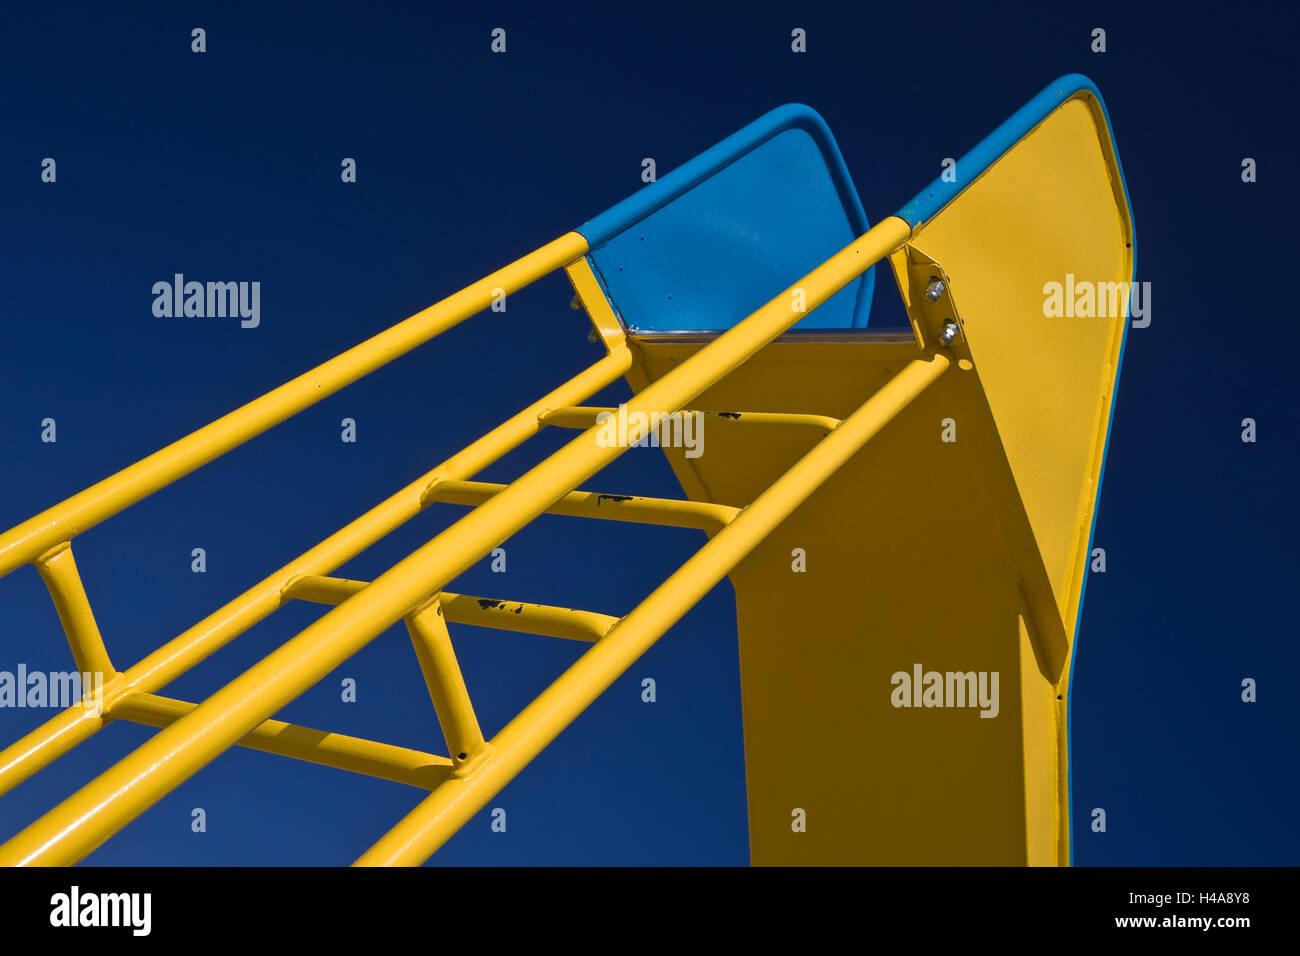 Children's slide, - Stock Image